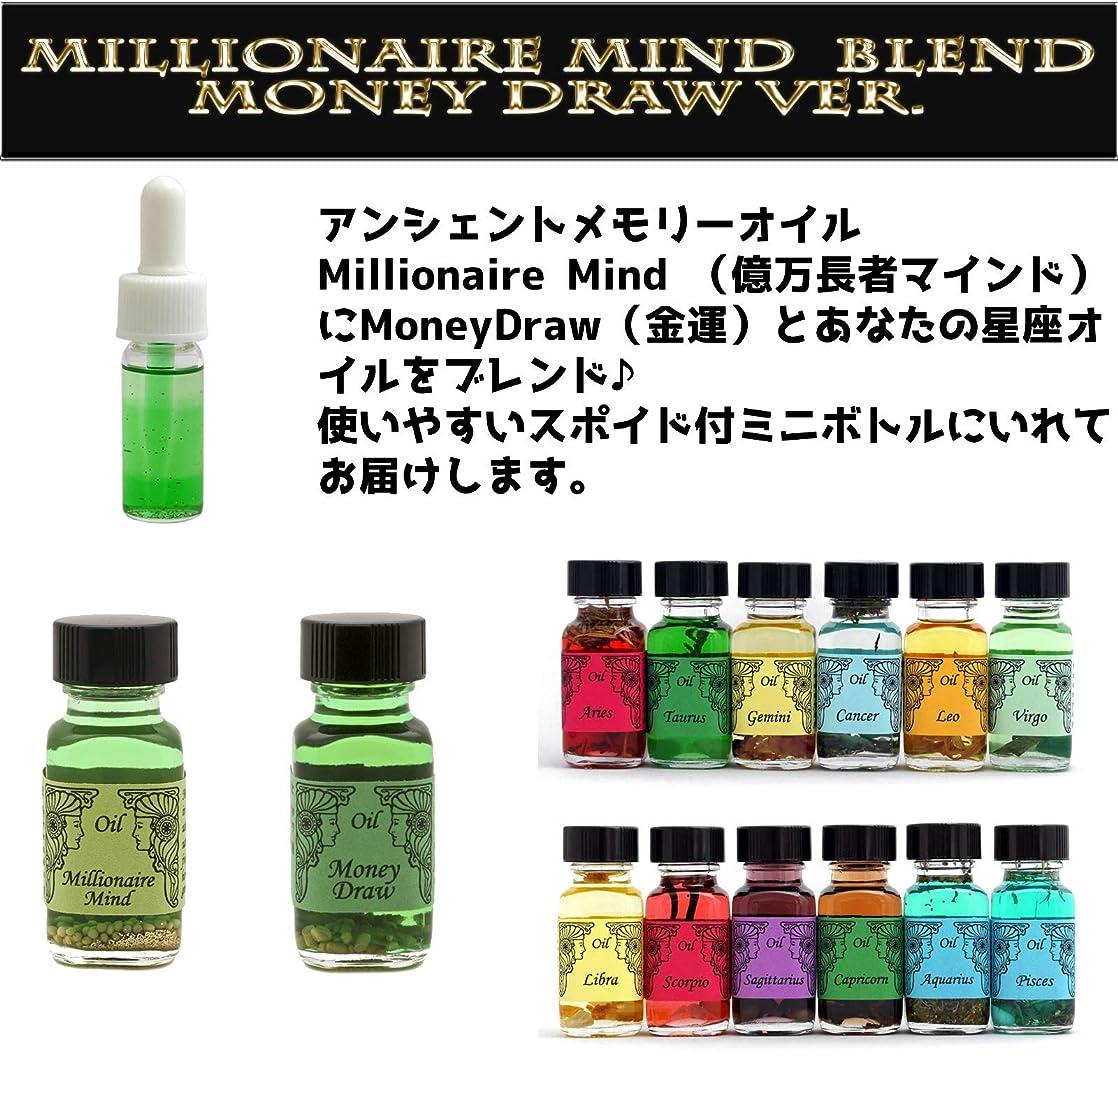 アルミニウムいつか大きさアンシェントメモリーオイル Millionaire Mind 億万長者マインド ブレンド(Money Drawマネードロー(金運)&てんびん座